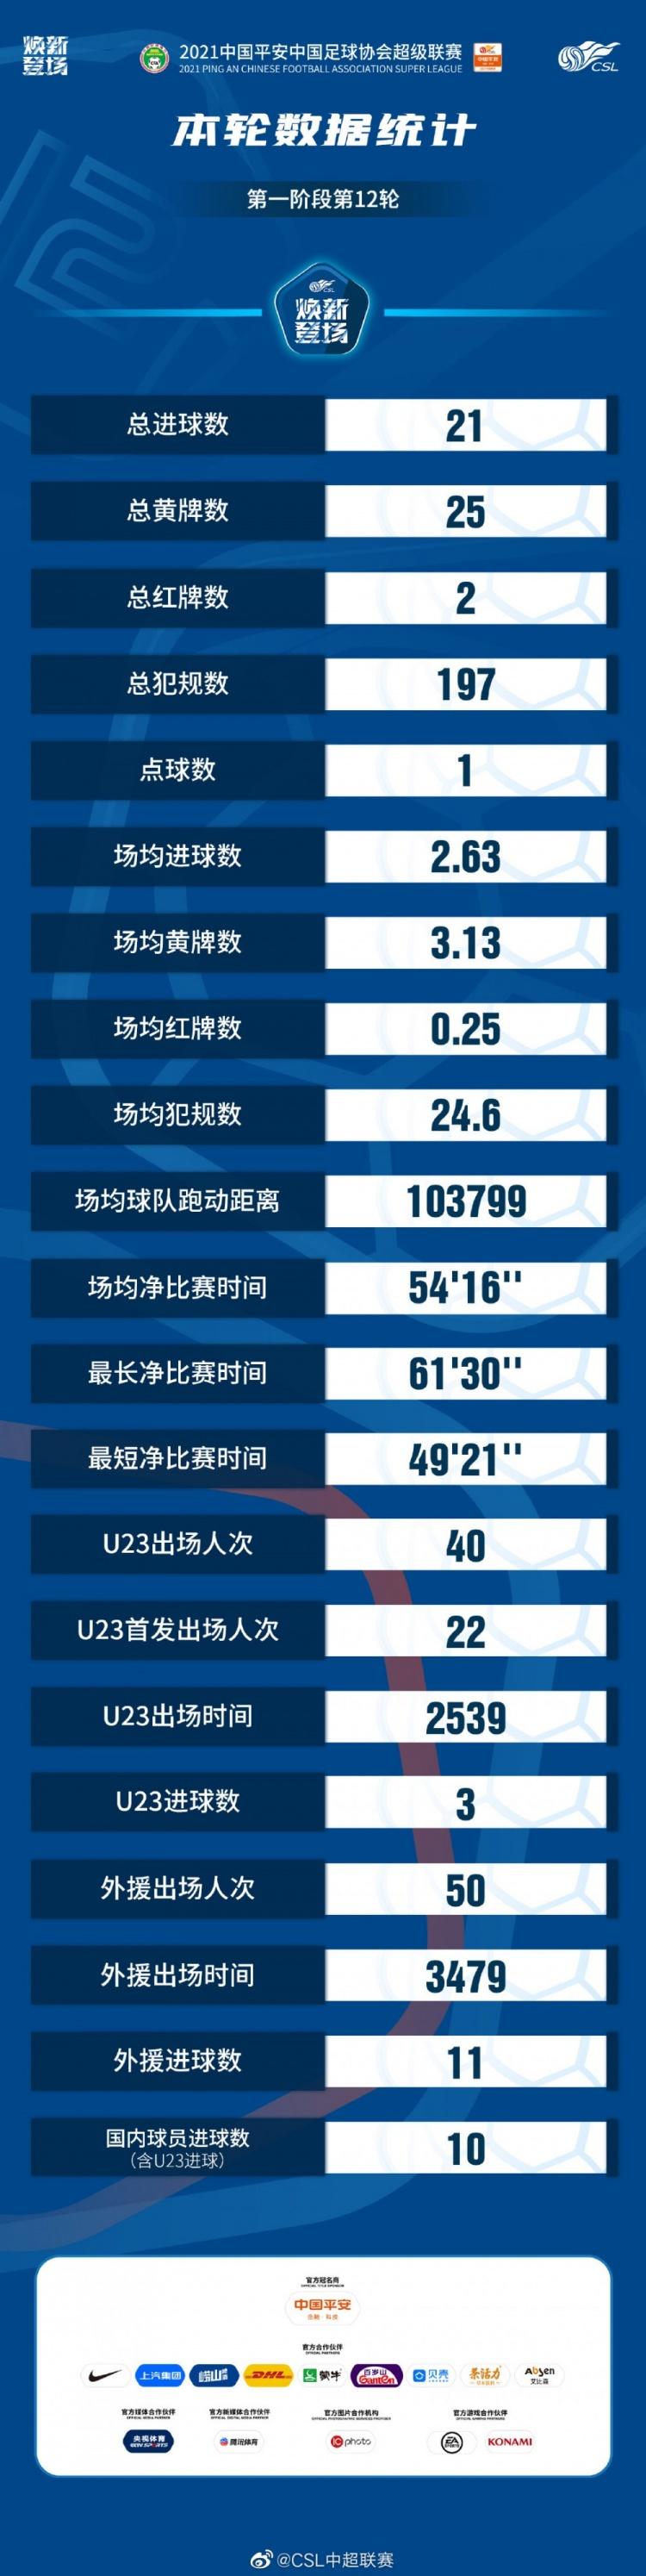 中超第12轮数据统计:场均进球2.63个,最长净比赛时间达61分钟